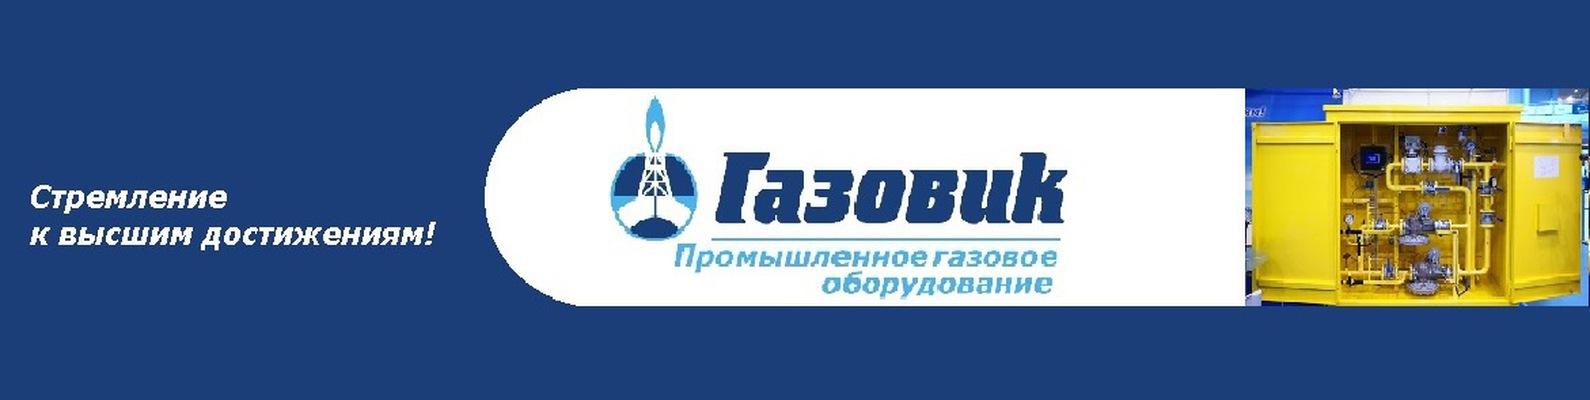 Каталог газового оборудования ГК Газовик